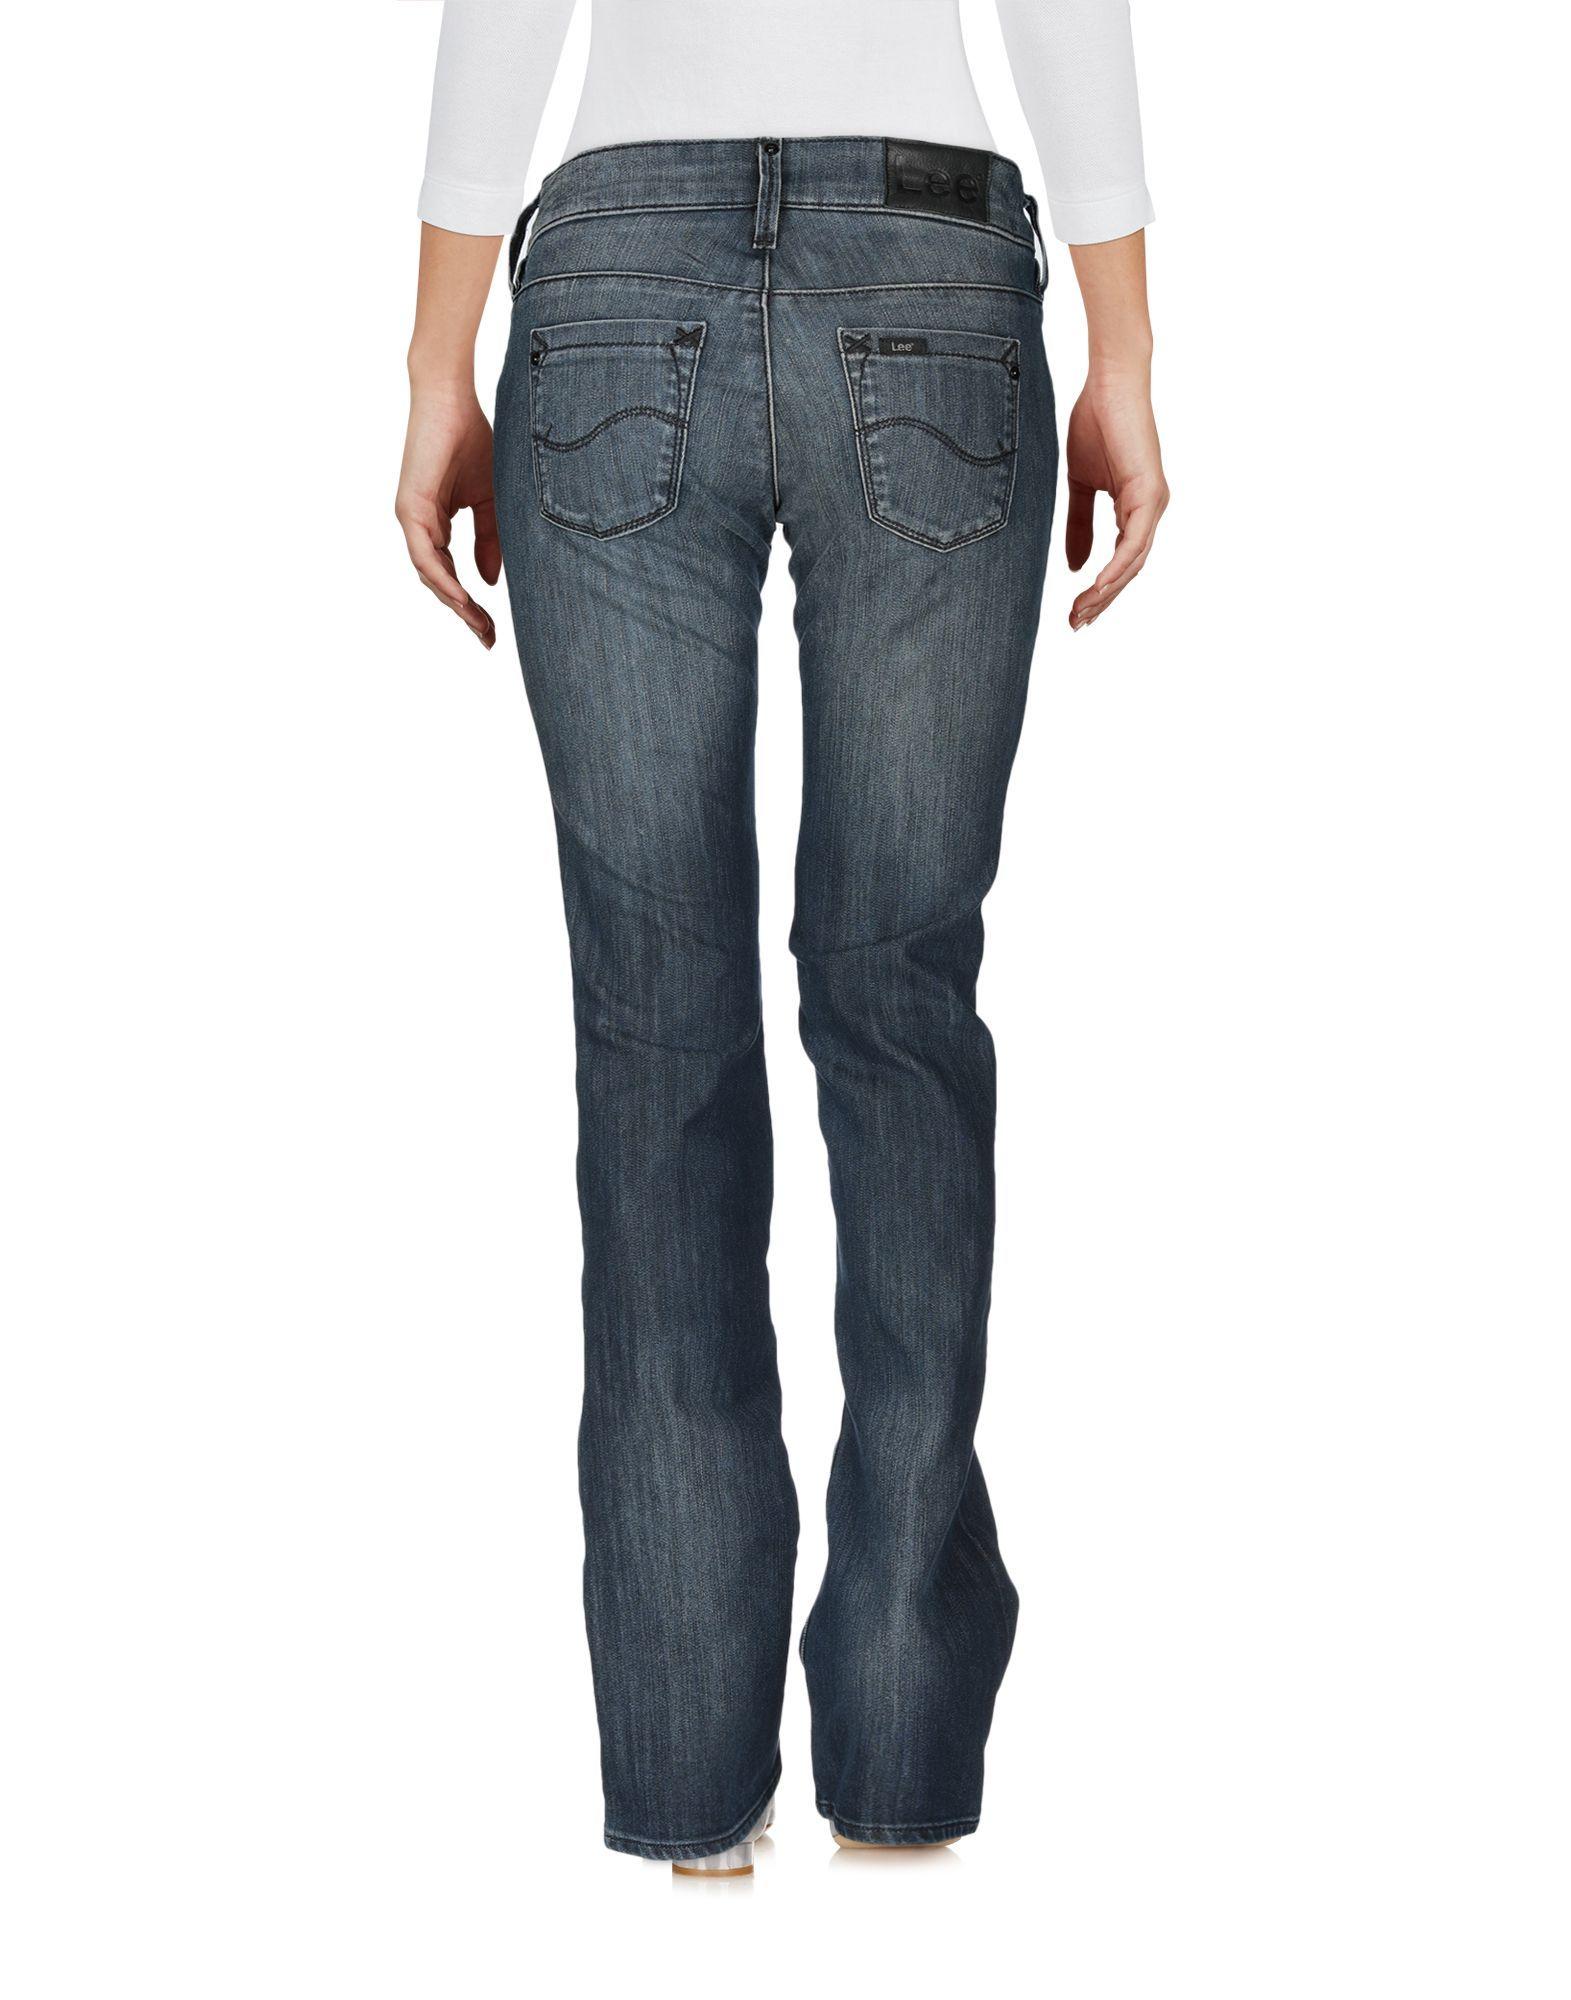 Lee Blue Cotton Jeans